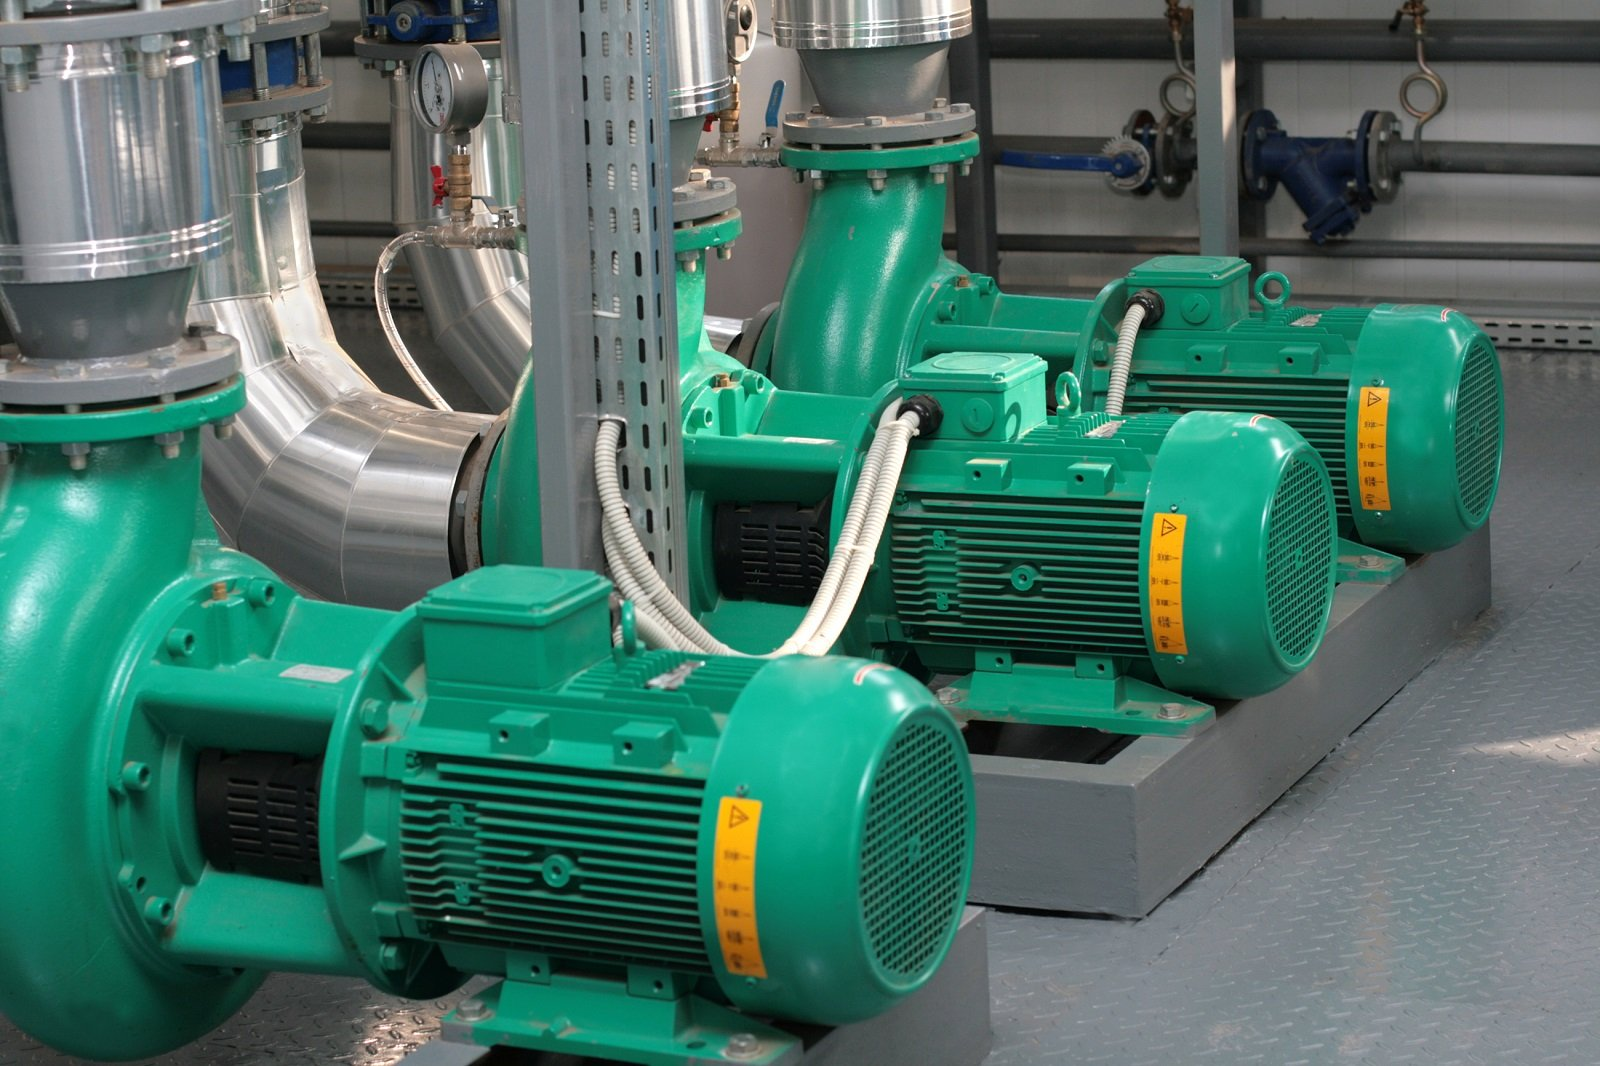 elettropompe verdi  per il convogliamento dell'acqua